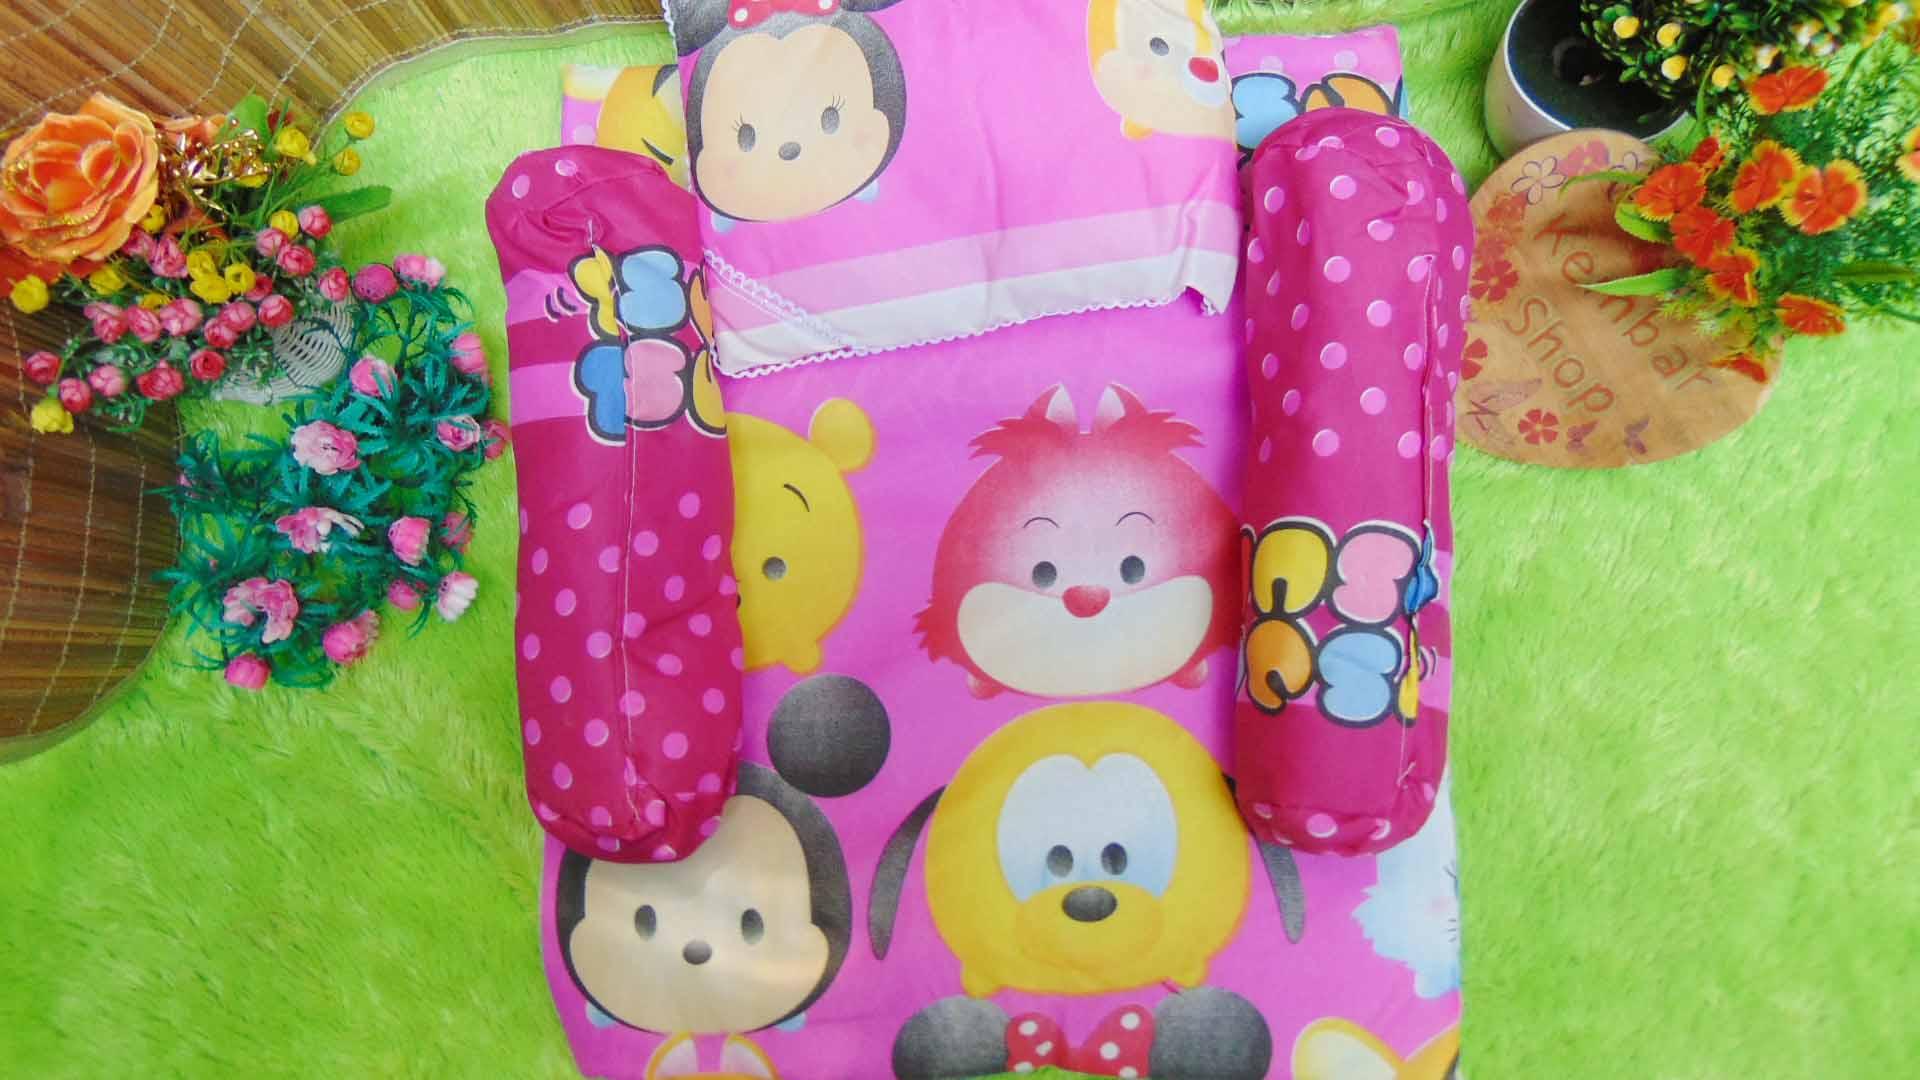 PALING MURAH kado bayi set kasur bayi karakter teddy bear disney tsum tsum (1)